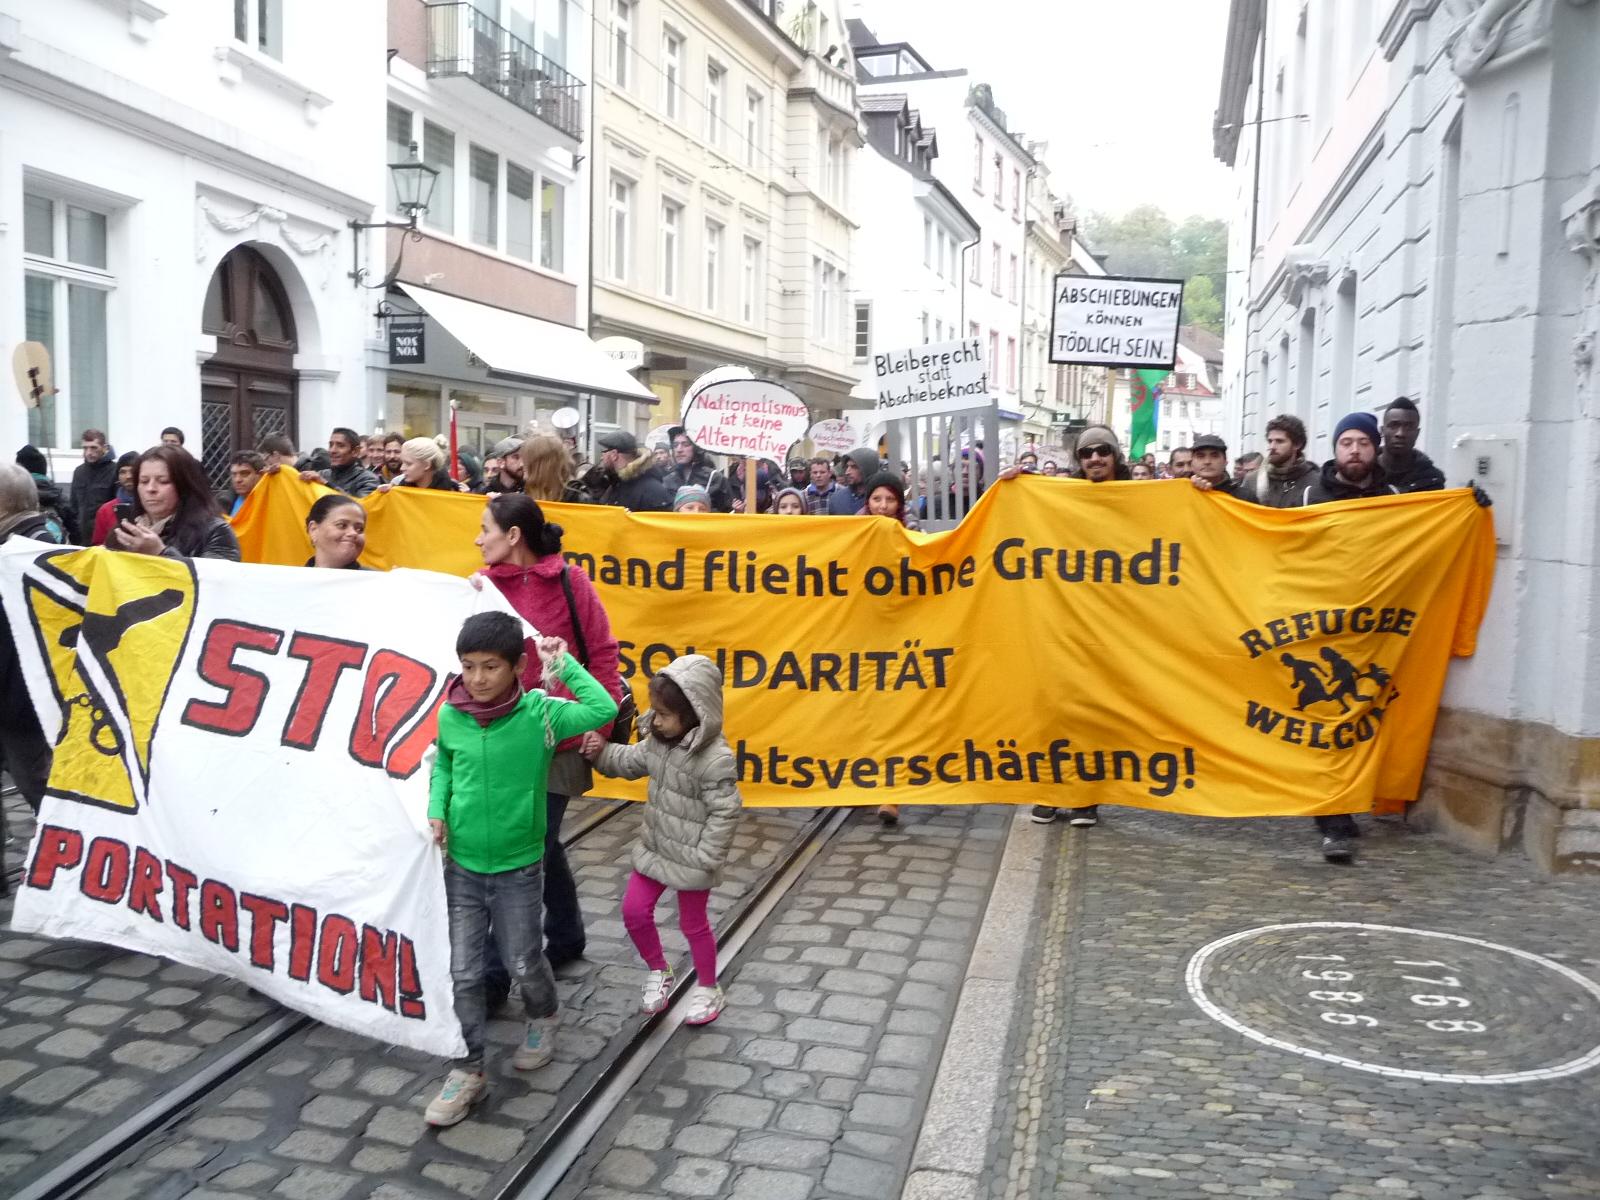 Offener Brief: Corona-Pandemie und Sammelunterbringung von Geflüchteten in Freiburg